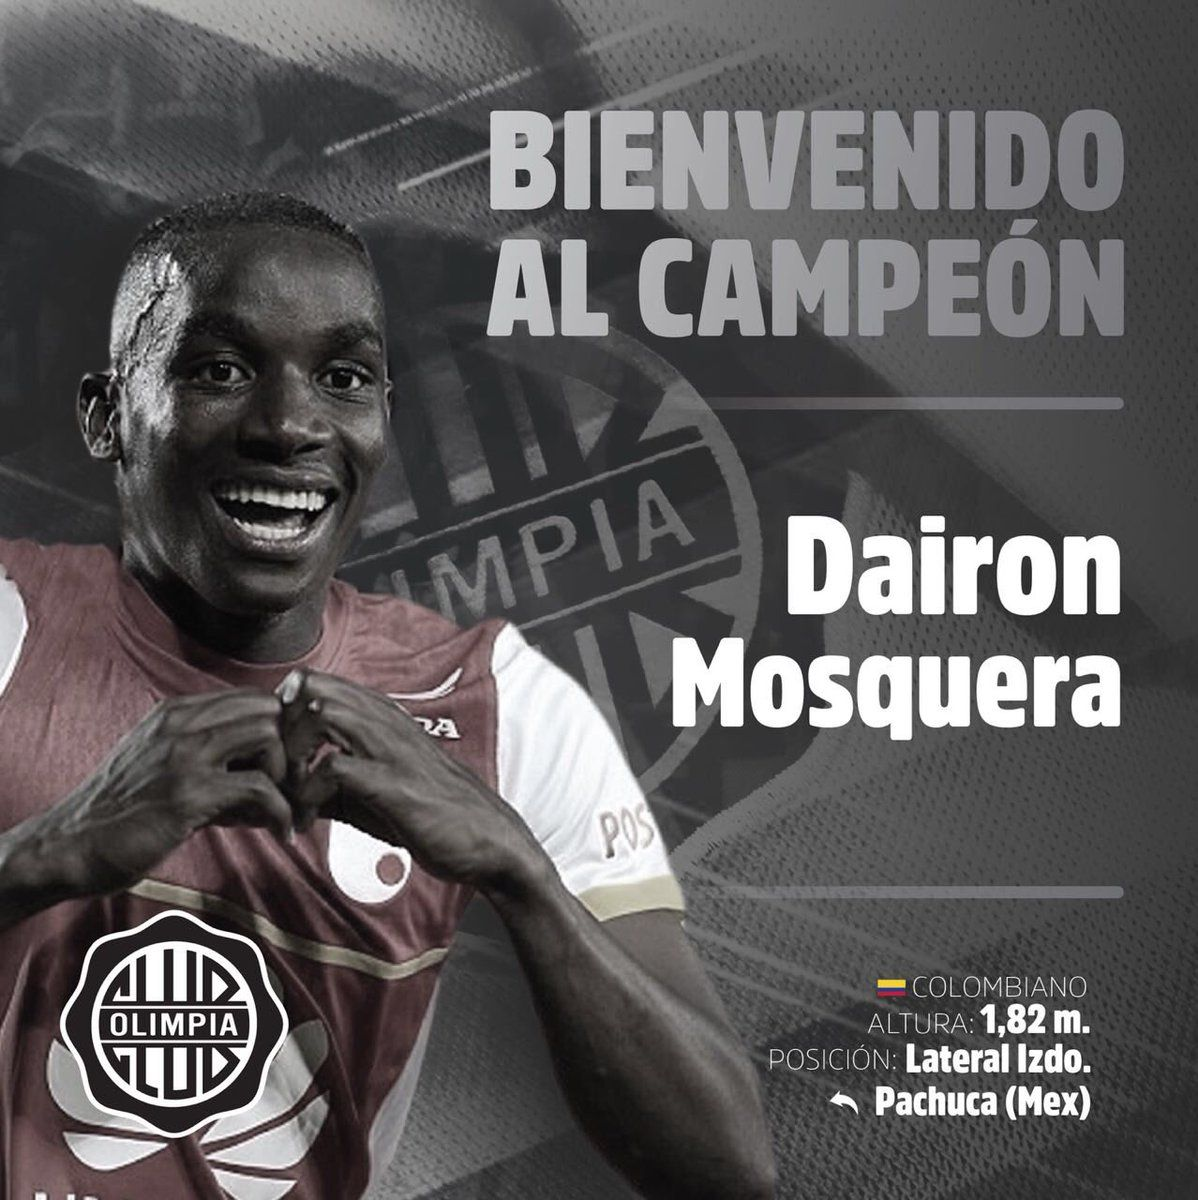 Dairon Mosquera fue presentado en Olimpia. Foto: Olimpia – Prensa